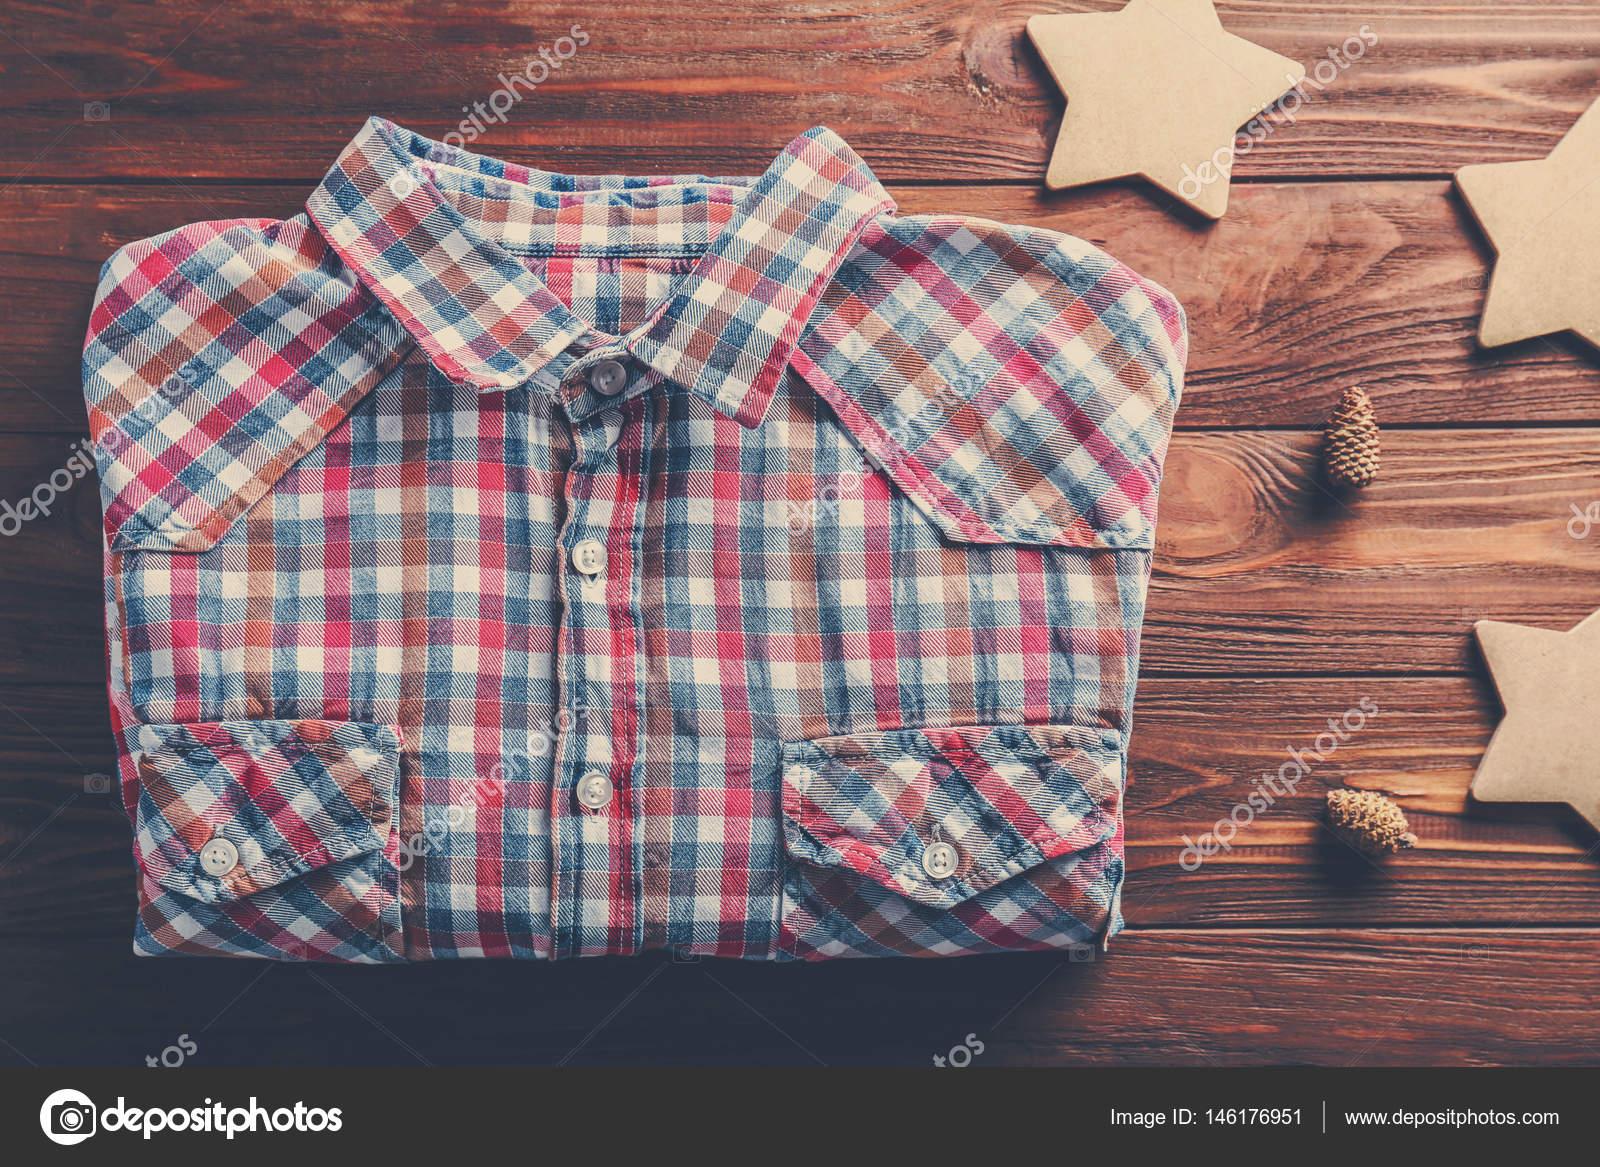 b658da6bba2 Košile a vánoční dekorace — Stock Fotografie © belchonock  146176951